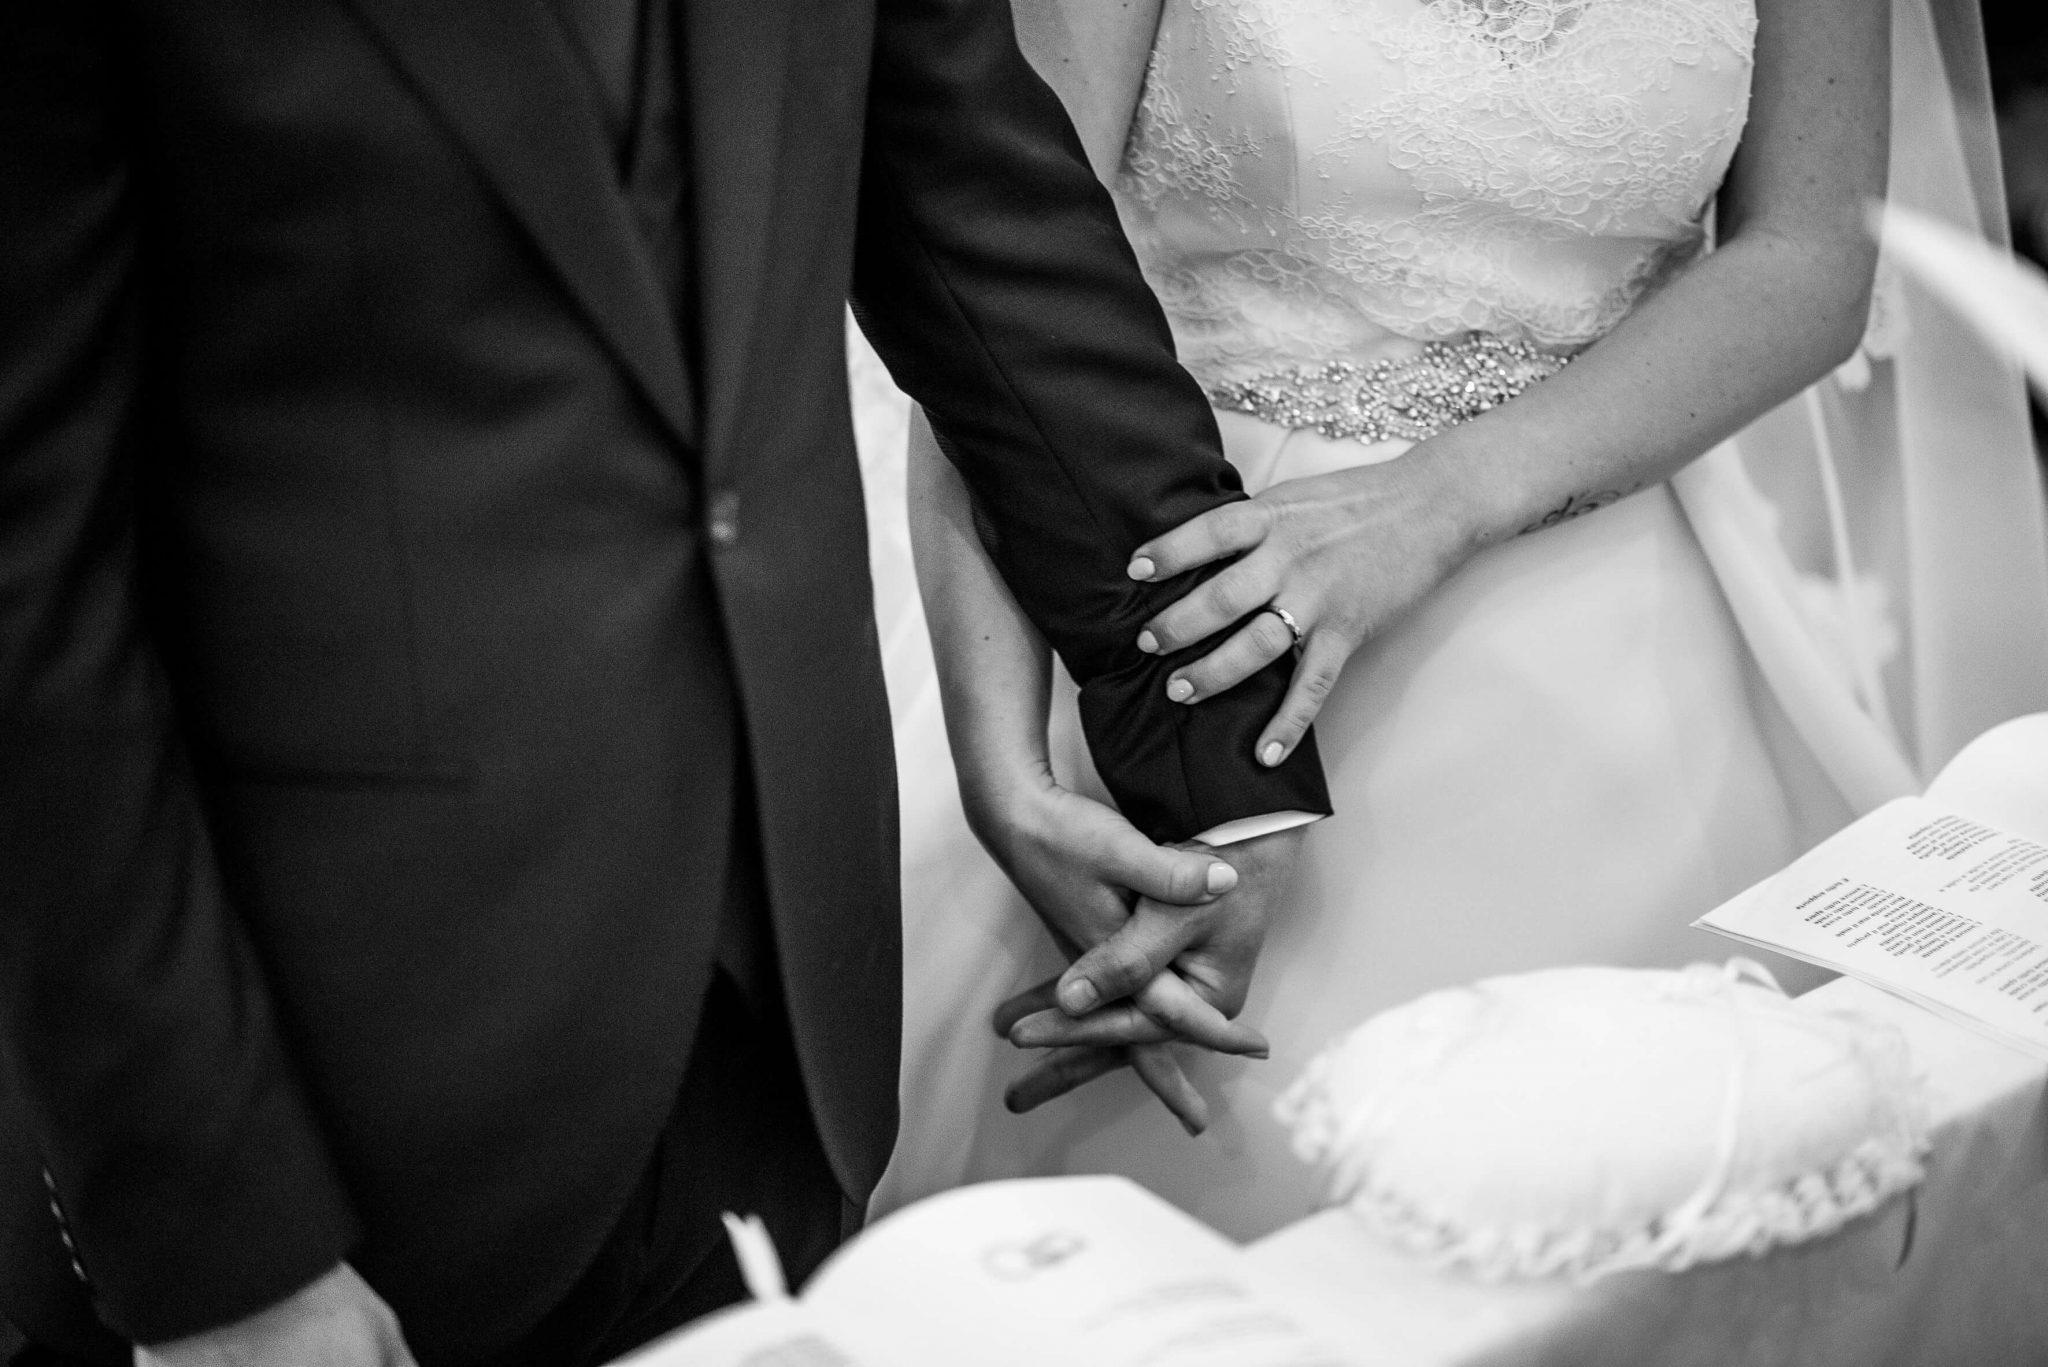 le mani intrecciate degli sposi con le fedi